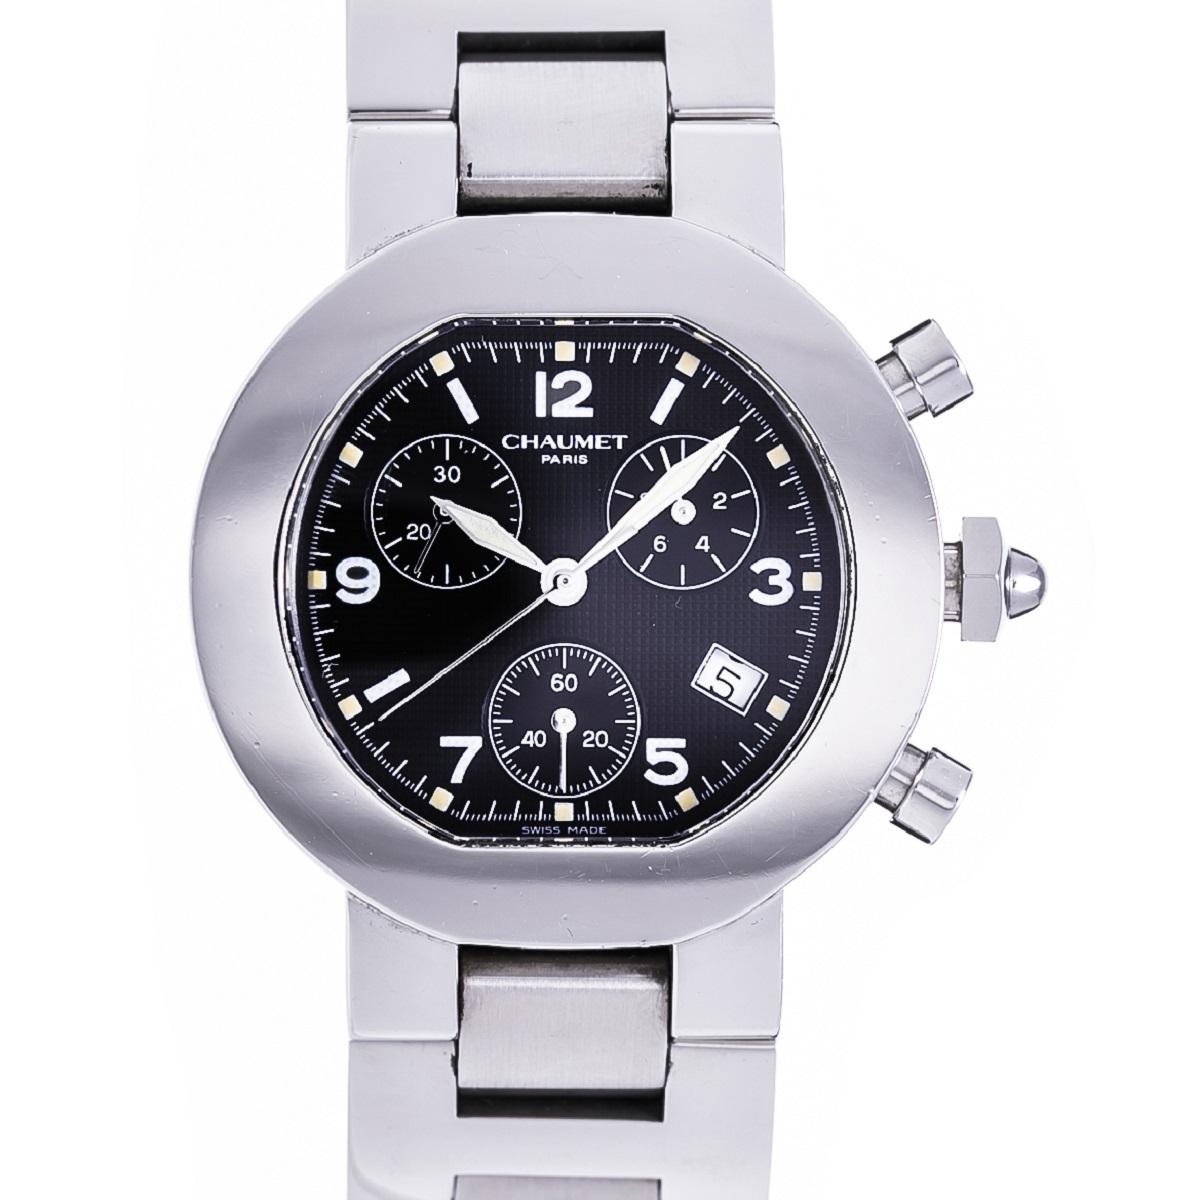 CHAUMET ショーメ レディース 腕時計 クロノグラフ SS ステンレス Qz クォーツ 送料無料 【トレジャースポット】【中古】